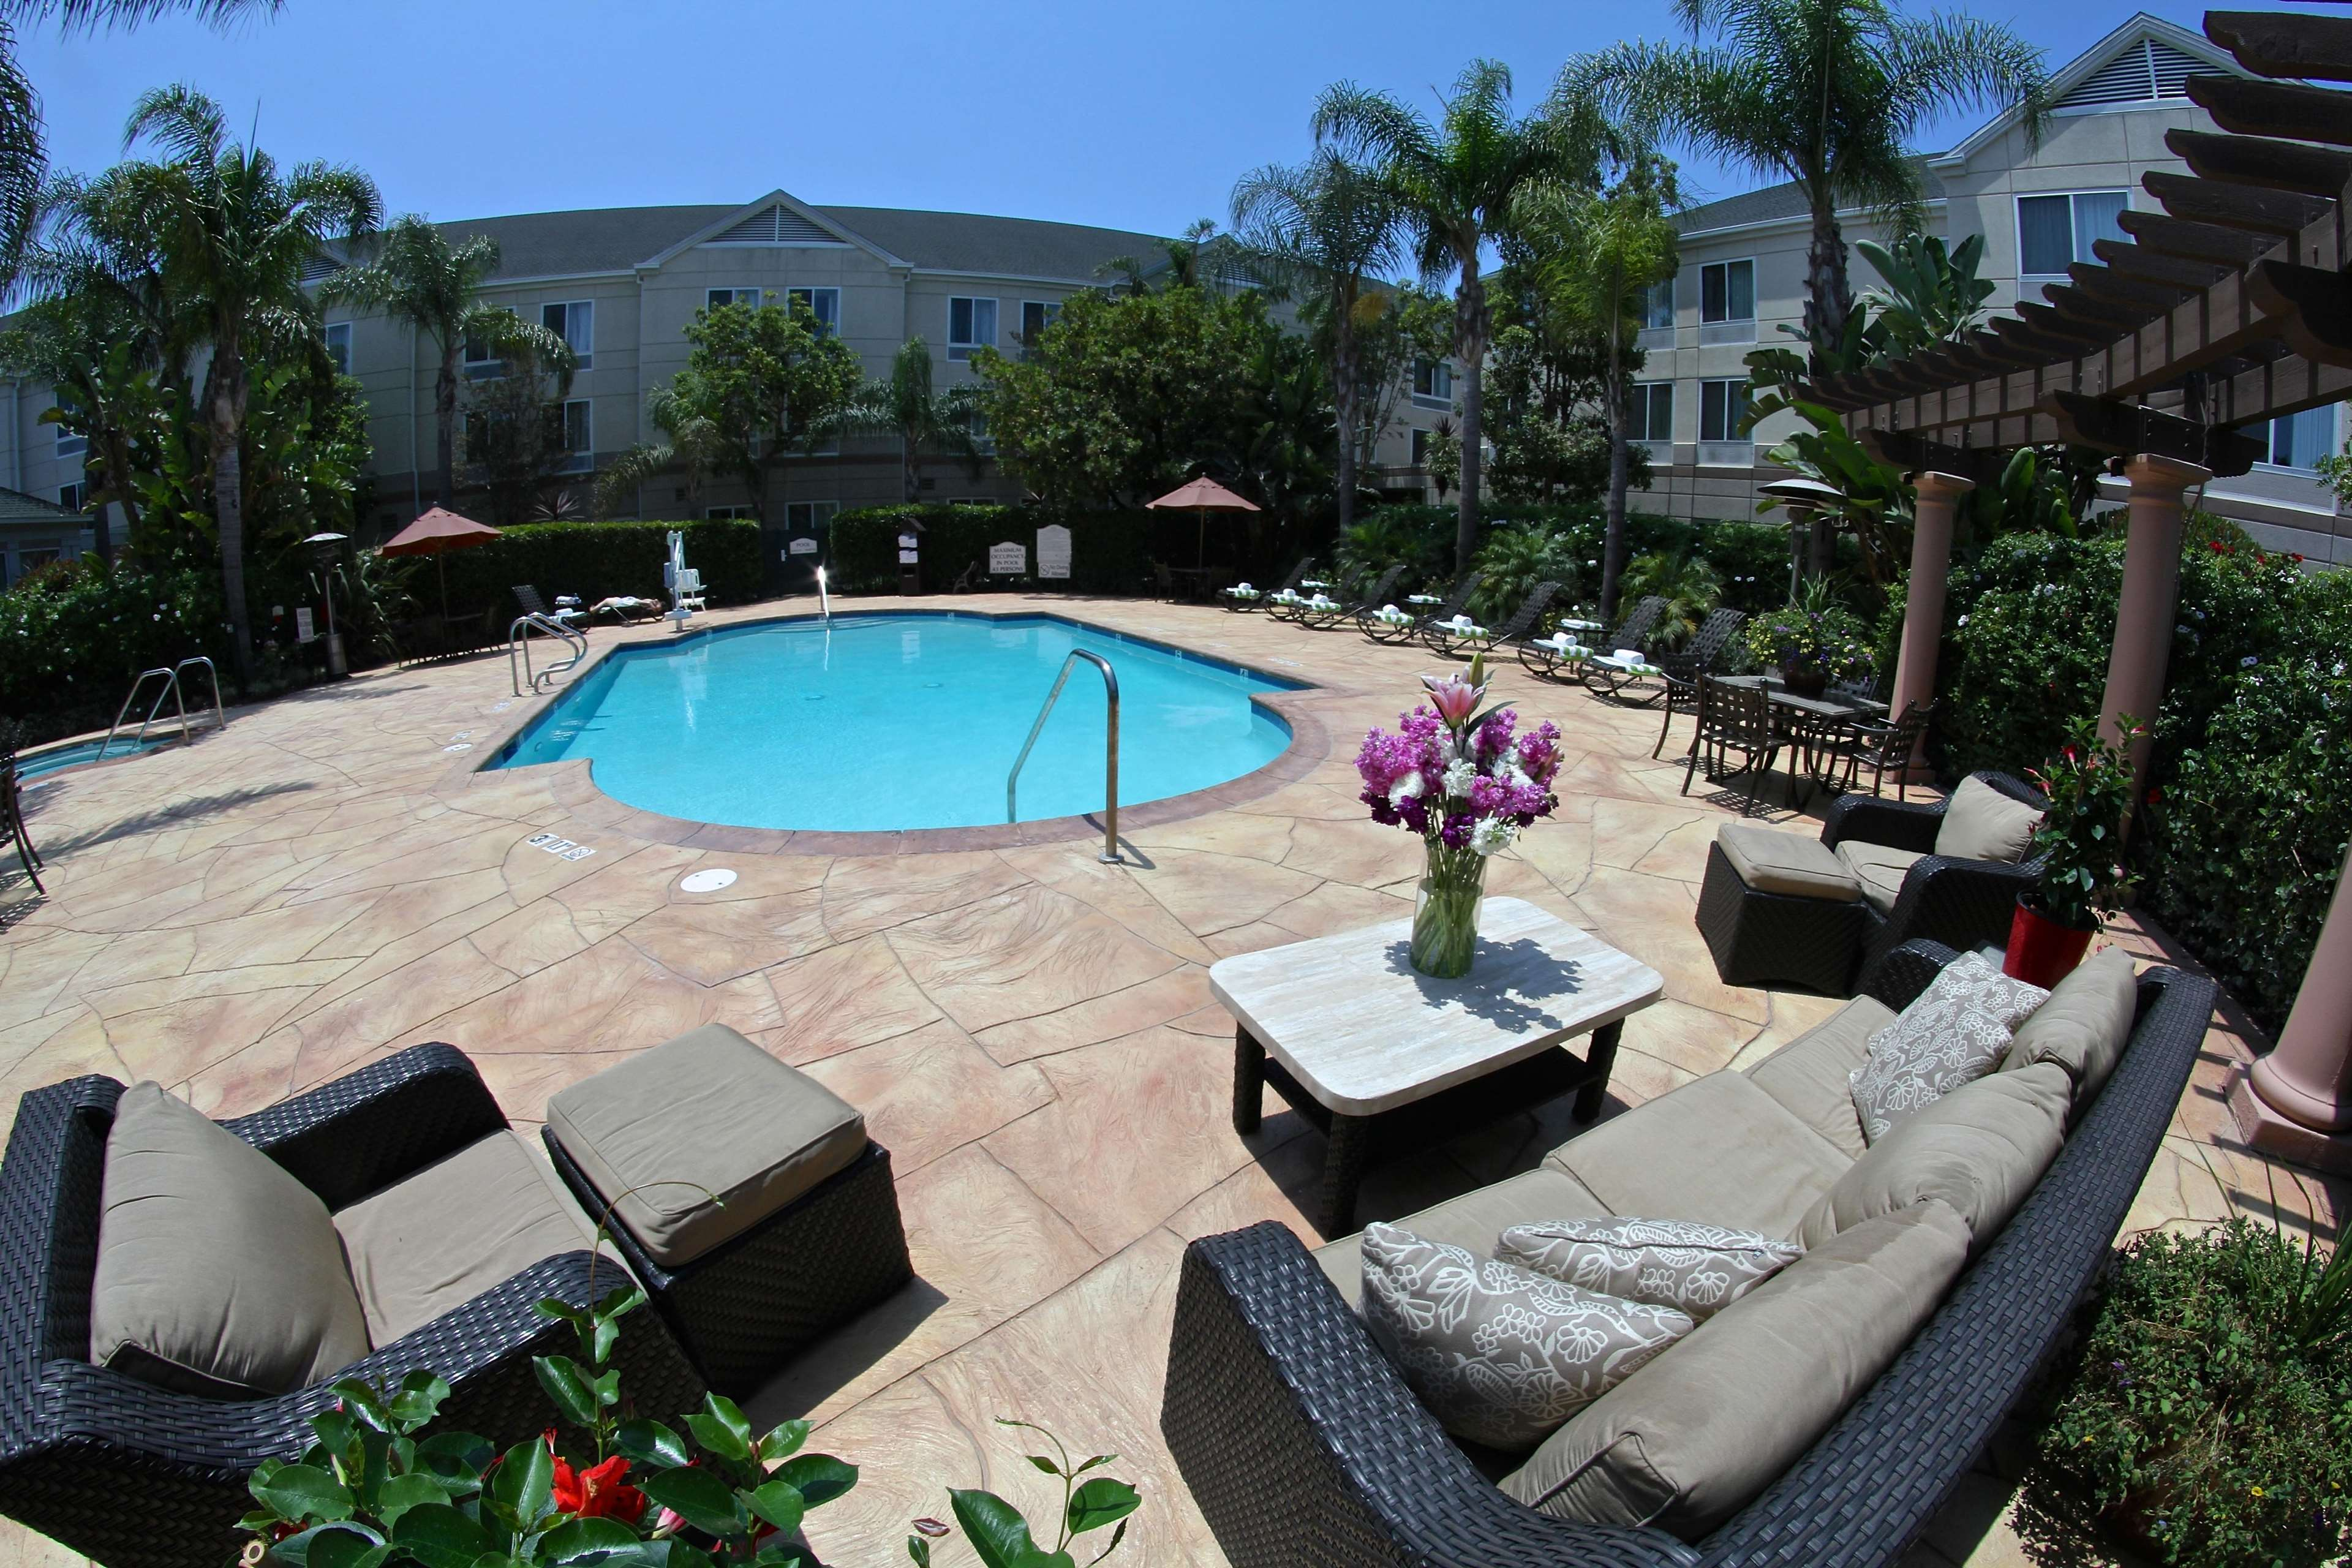 Hilton Garden Inn Lax El Segundo In El Segundo Ca 90245